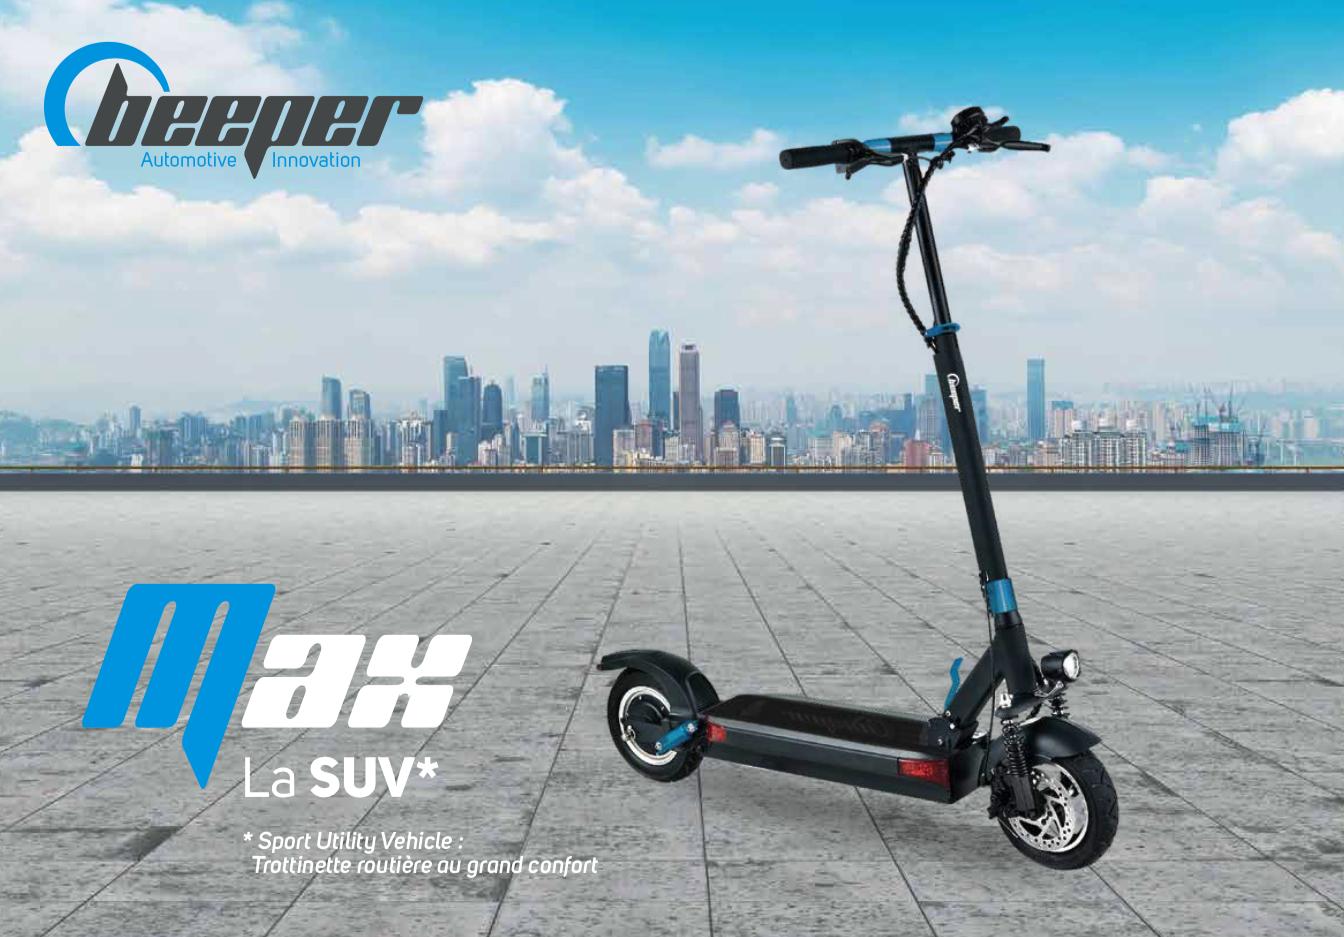 Trottinette électrique Beeper MAX G2 - Plaquette de présentation